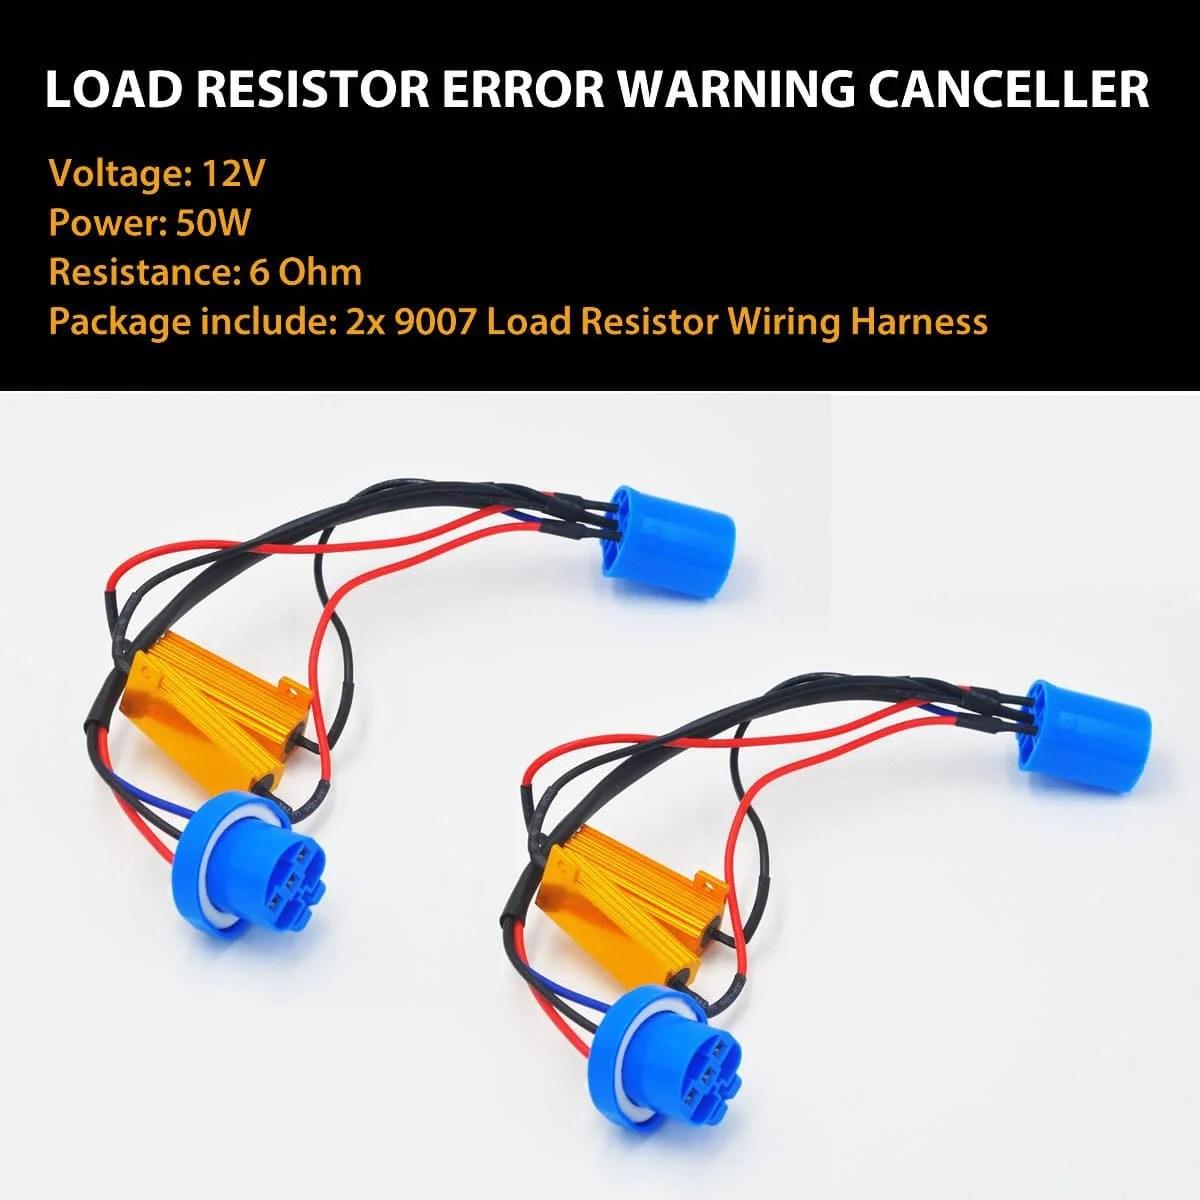 medium resolution of 9007 9004 led headlight load resistor harness anti flicker warning canceler